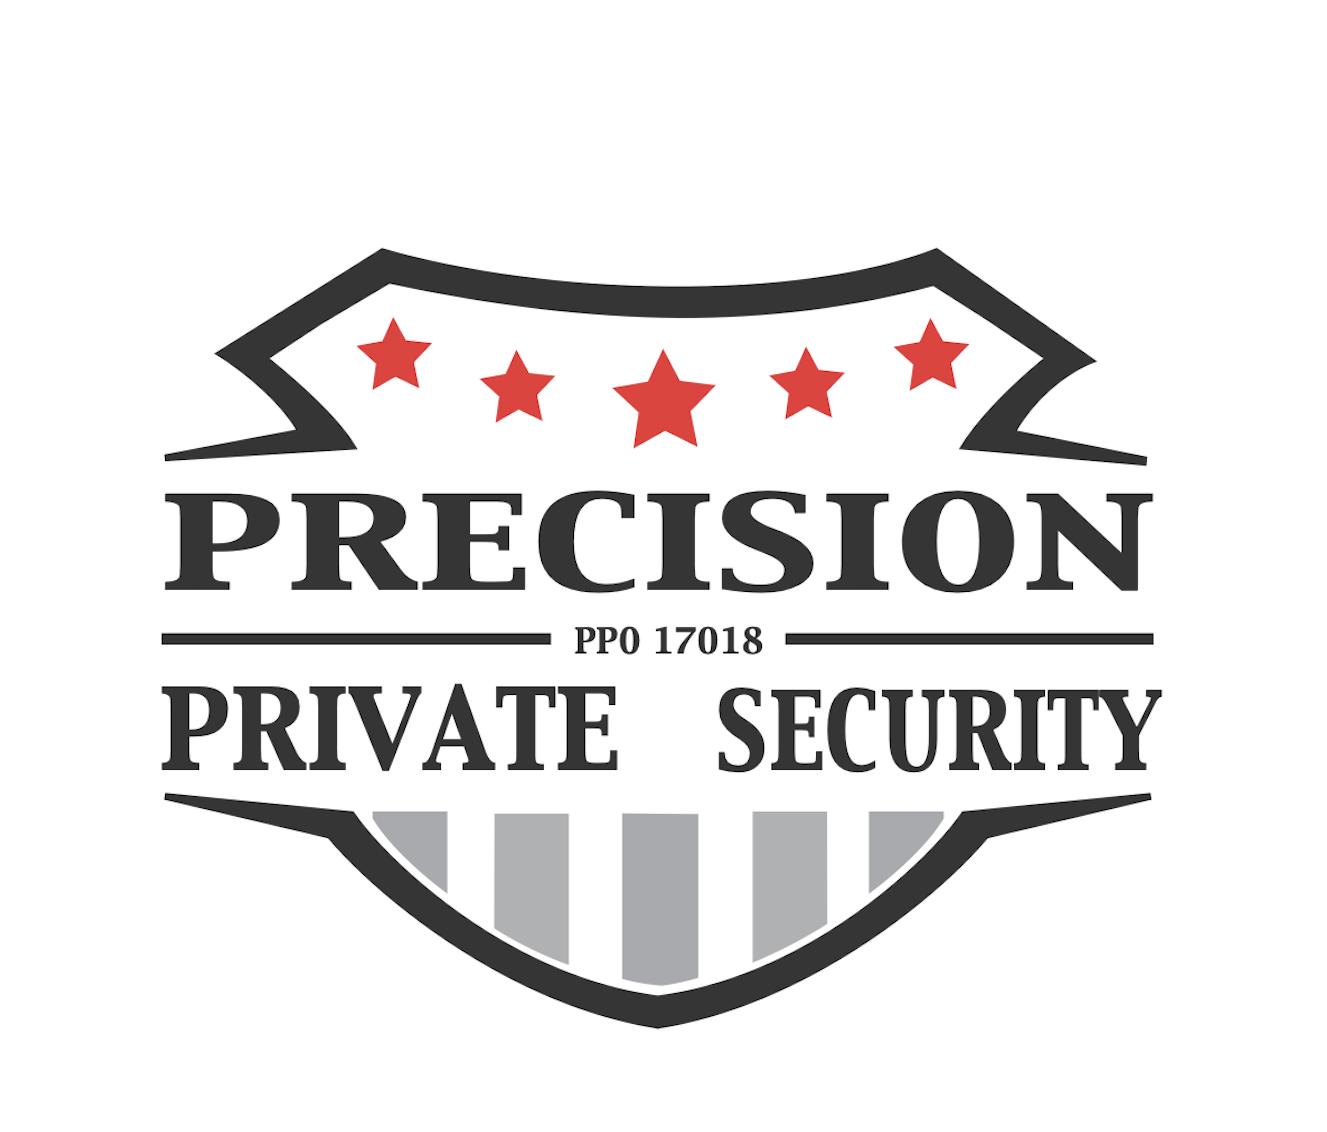 Precision Private Security